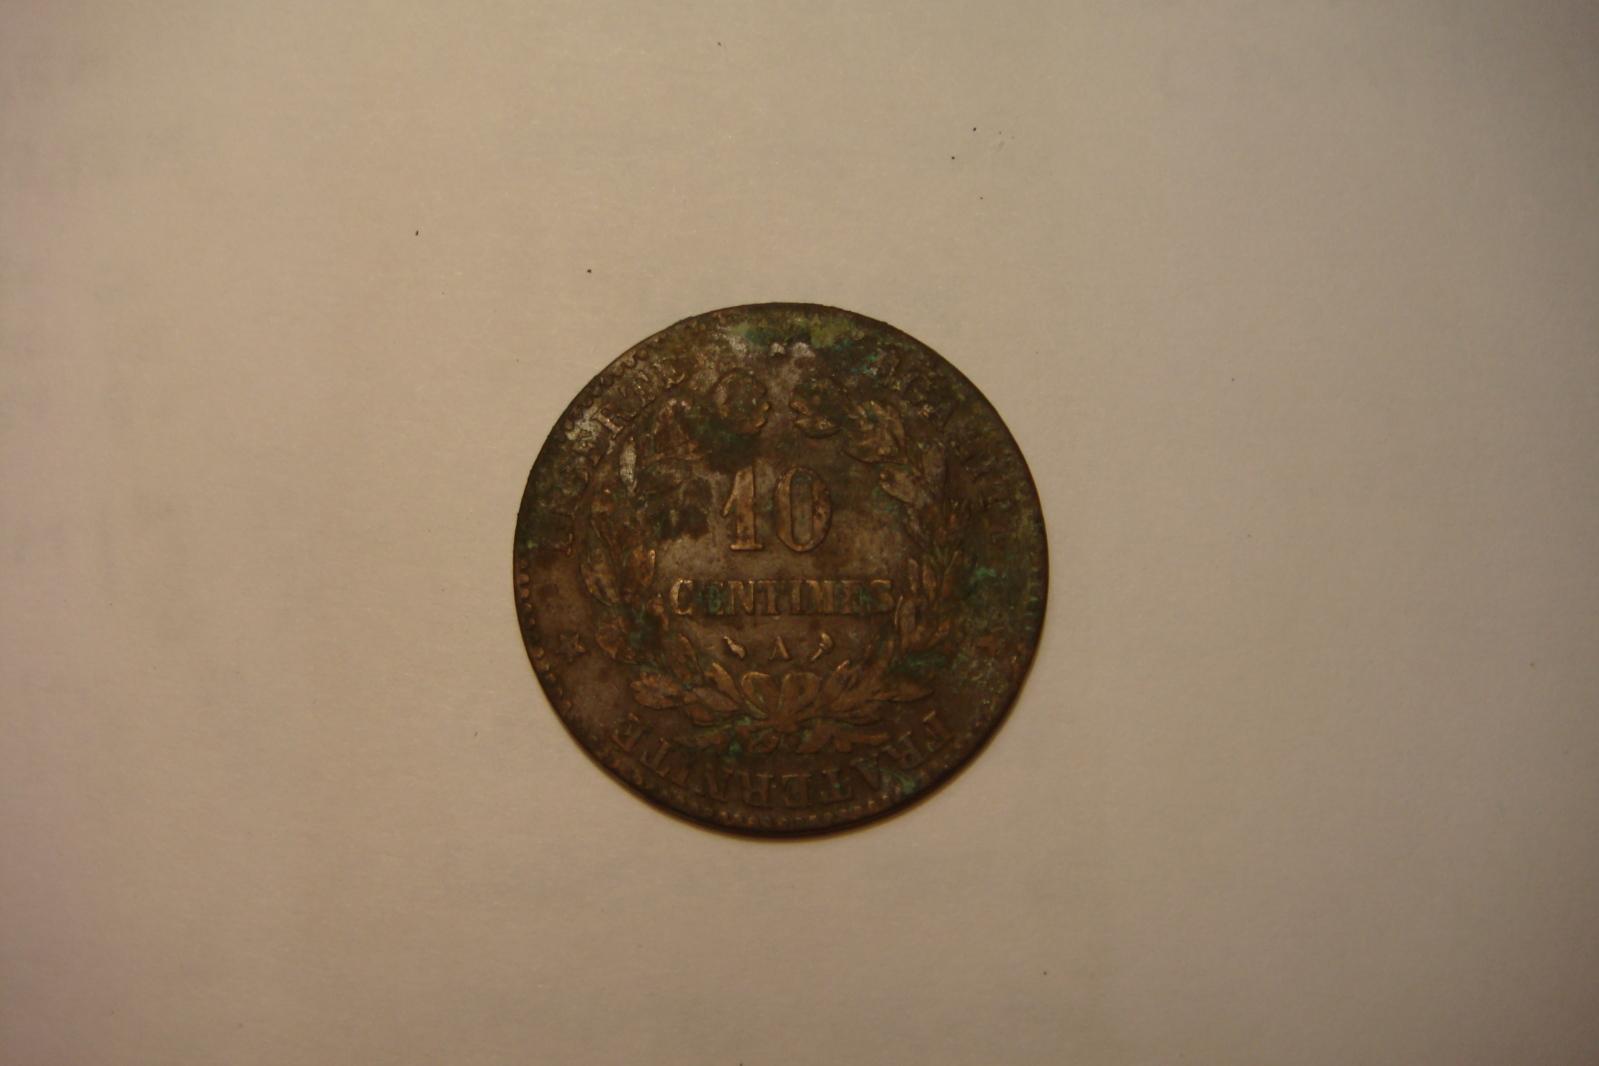 Cómo limpiar estas monedas de cobre O8zaq1